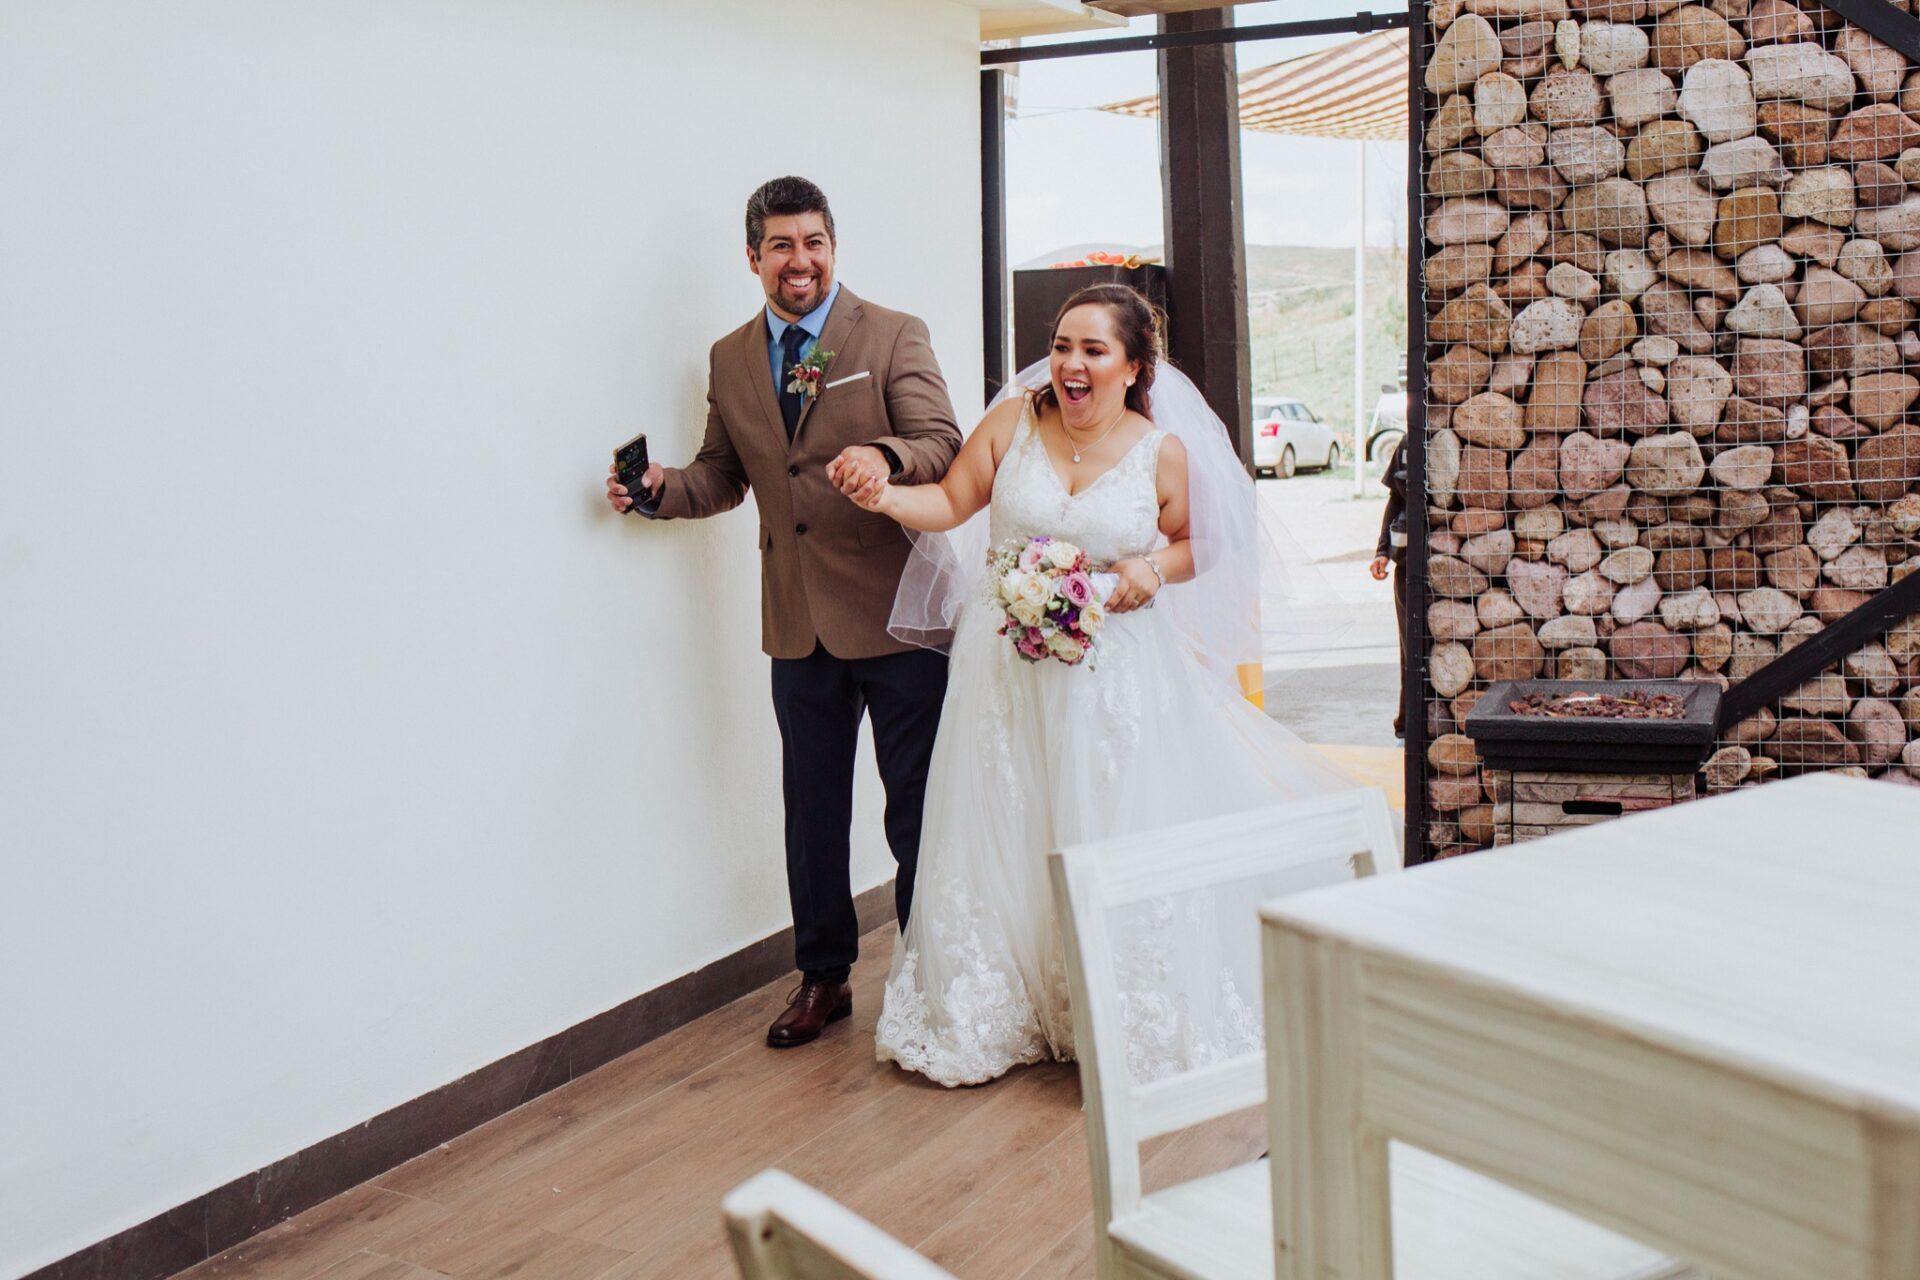 javier_noriega_fotografo_bodas_los_gaviones_zacatecas_wedding_photographer23